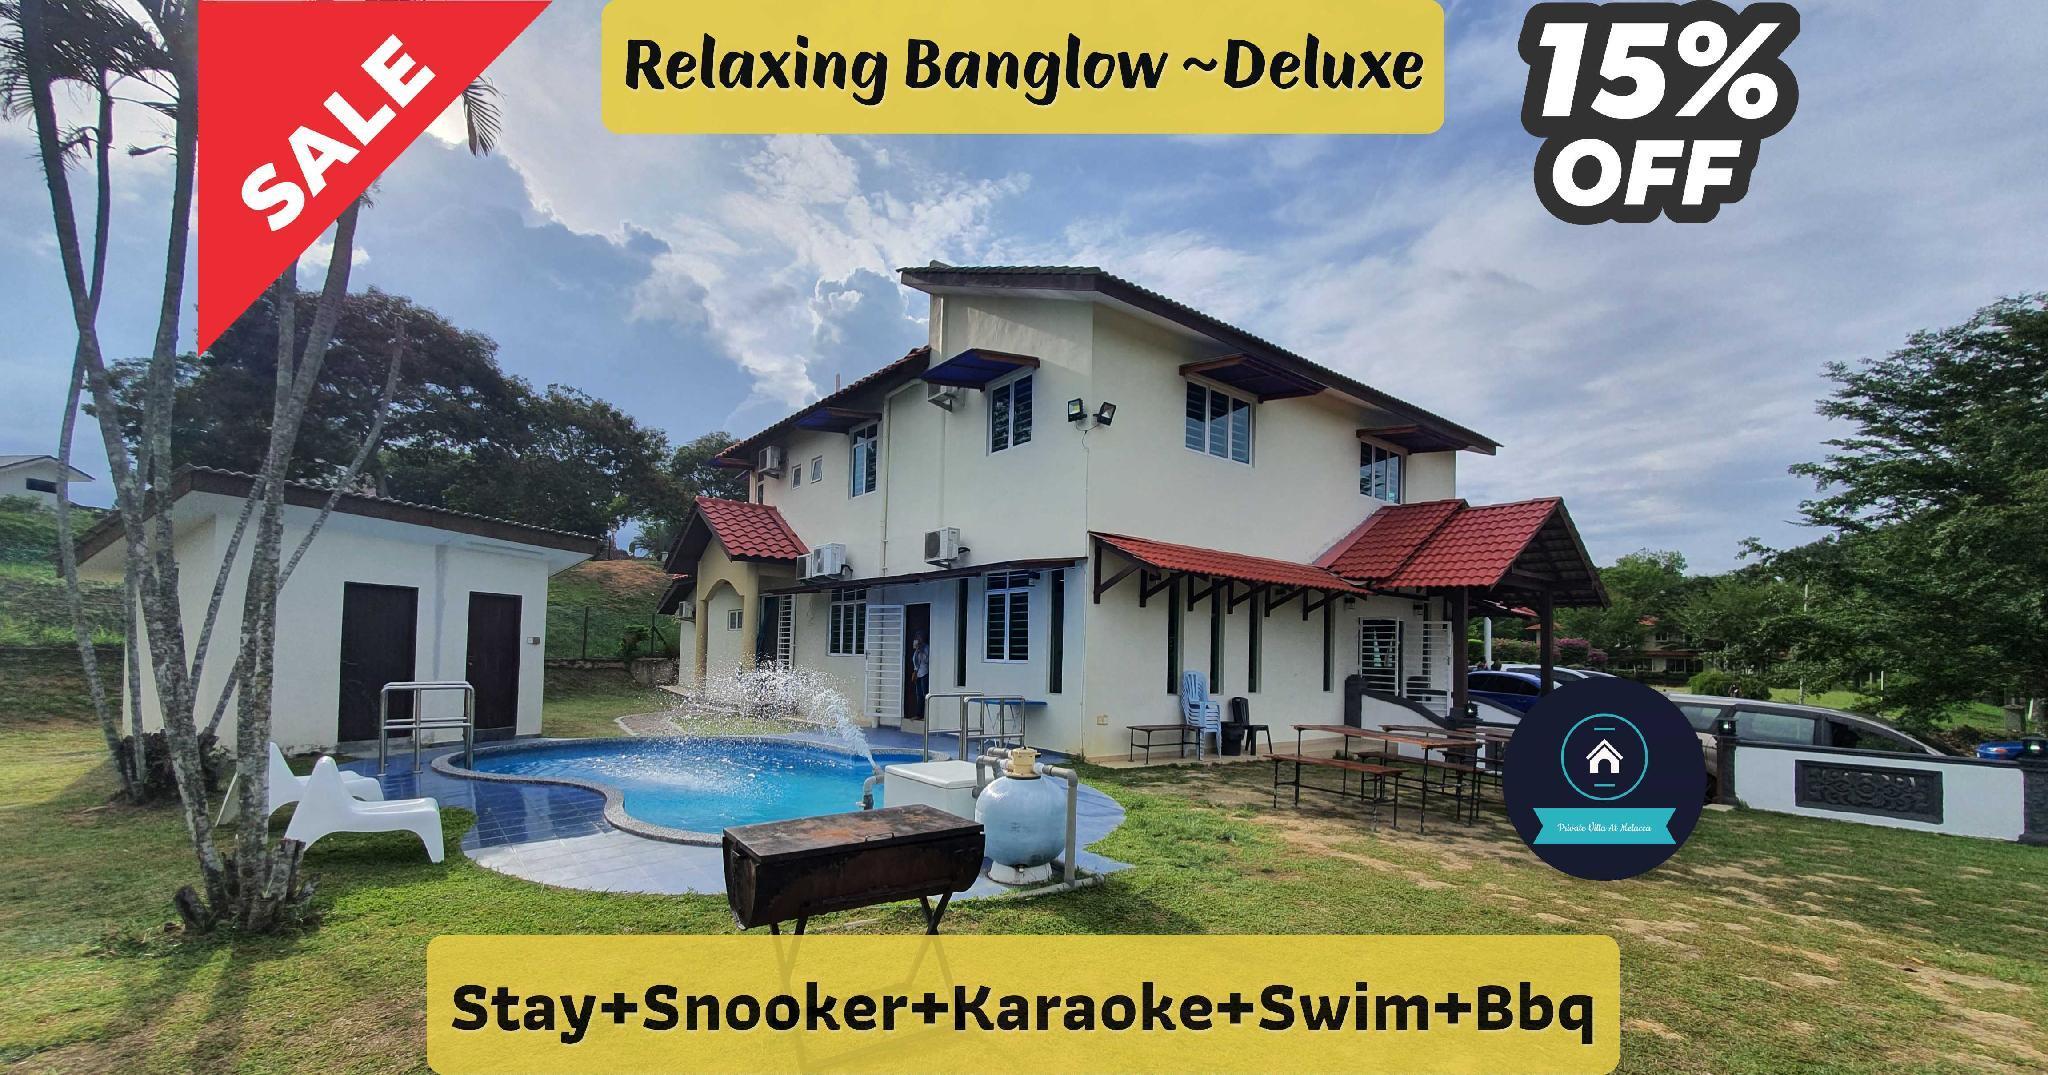 Relaxing Banglow Deluxe Karaoke+Swim+Bbq+Snooker